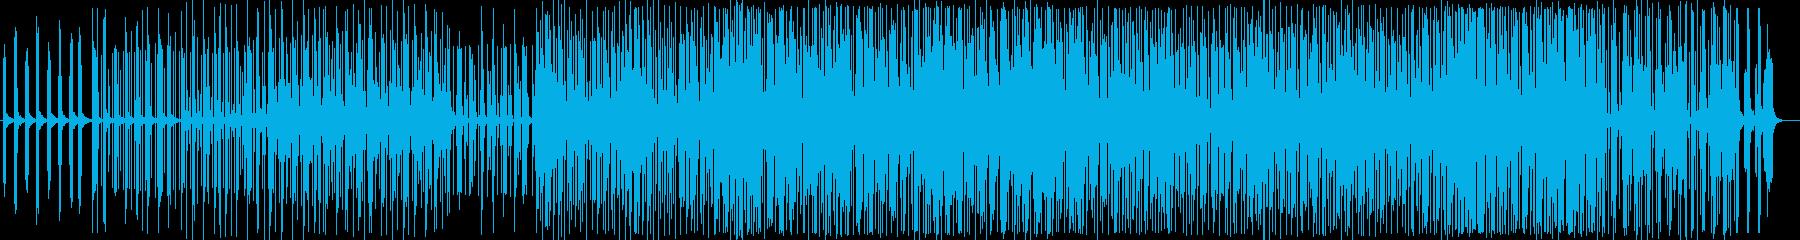 ほのぼのとした感じのエレクトロニカですの再生済みの波形